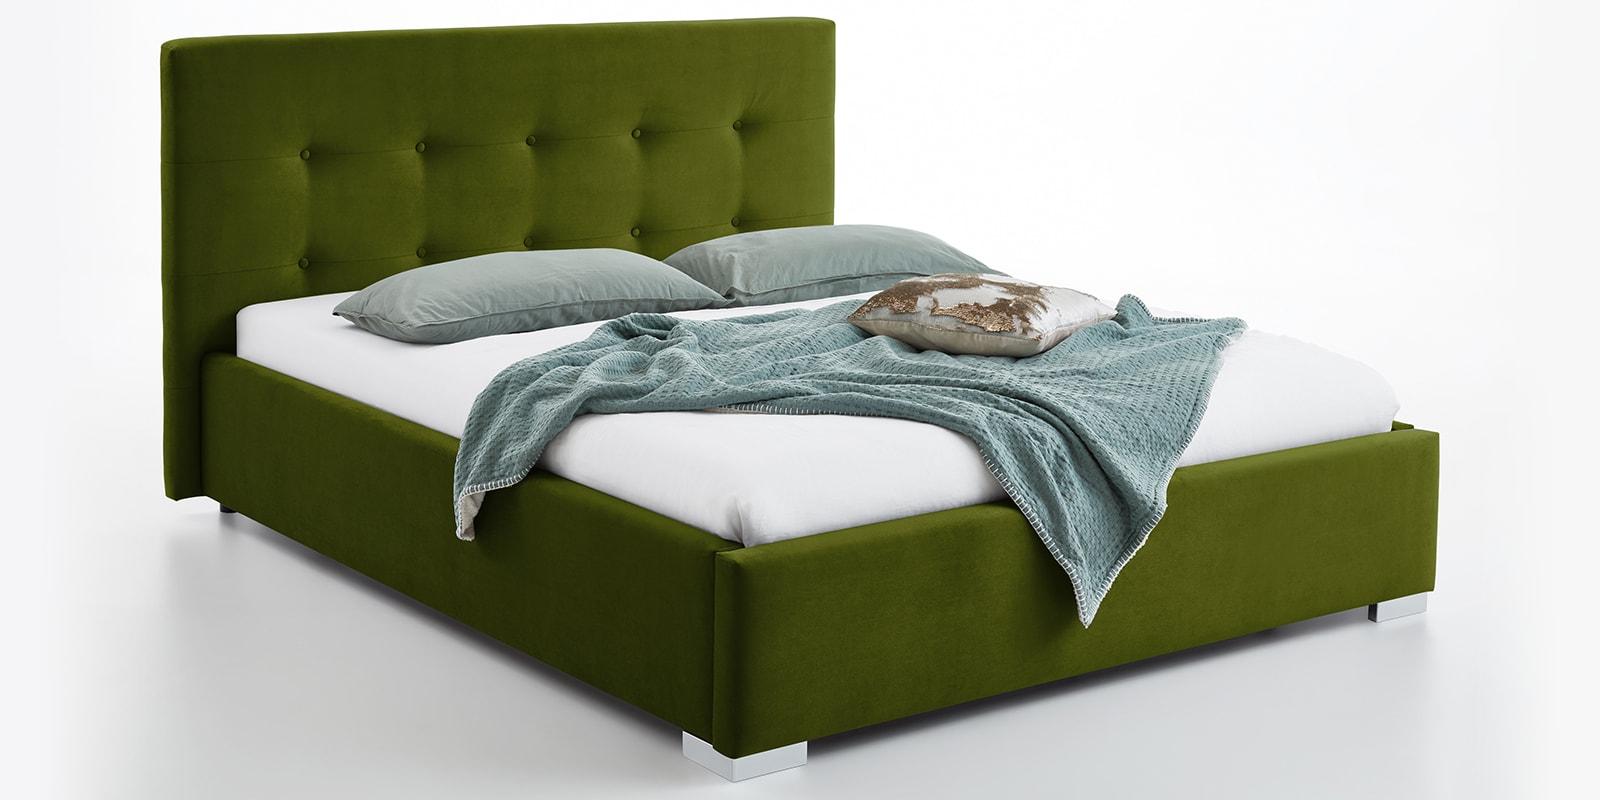 Moebella24 - Bett - mit - Bettkasten - Betty - Samt - Oliv - Stauraum - Kopfteil - mit - Knopfheftung- Bettkasten - Von - vorne - links